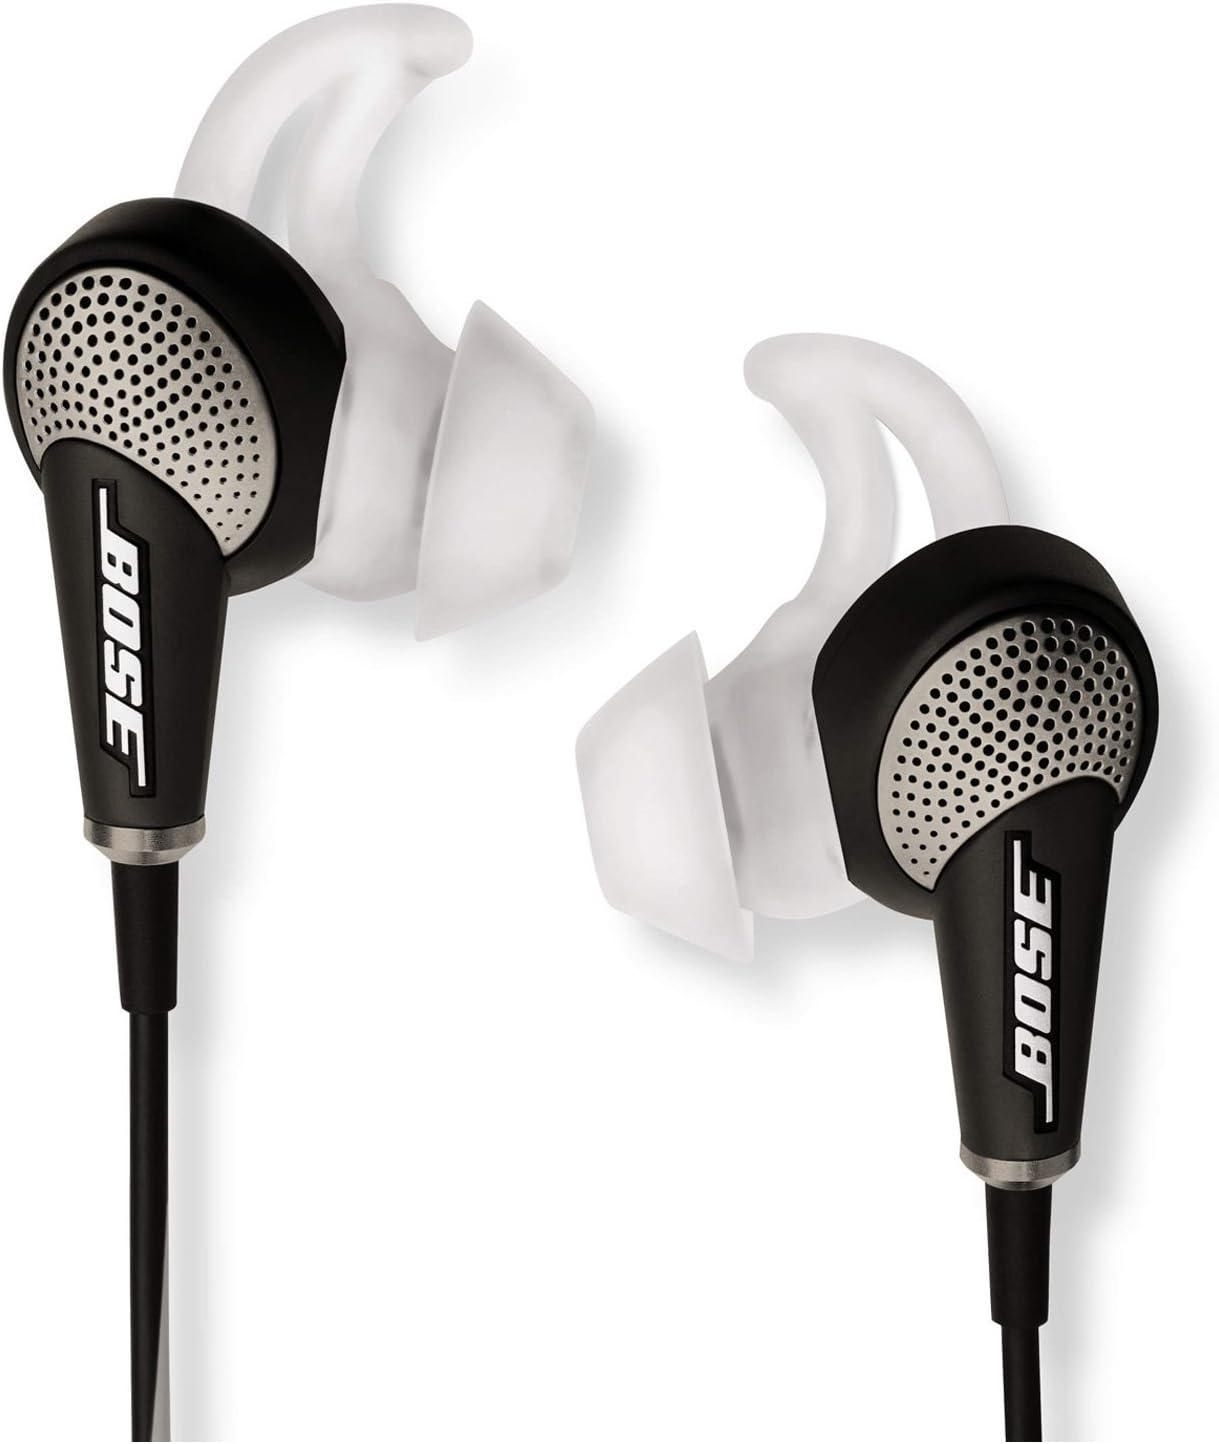 casque audio bose quietcomfort 20 filaire compatible android